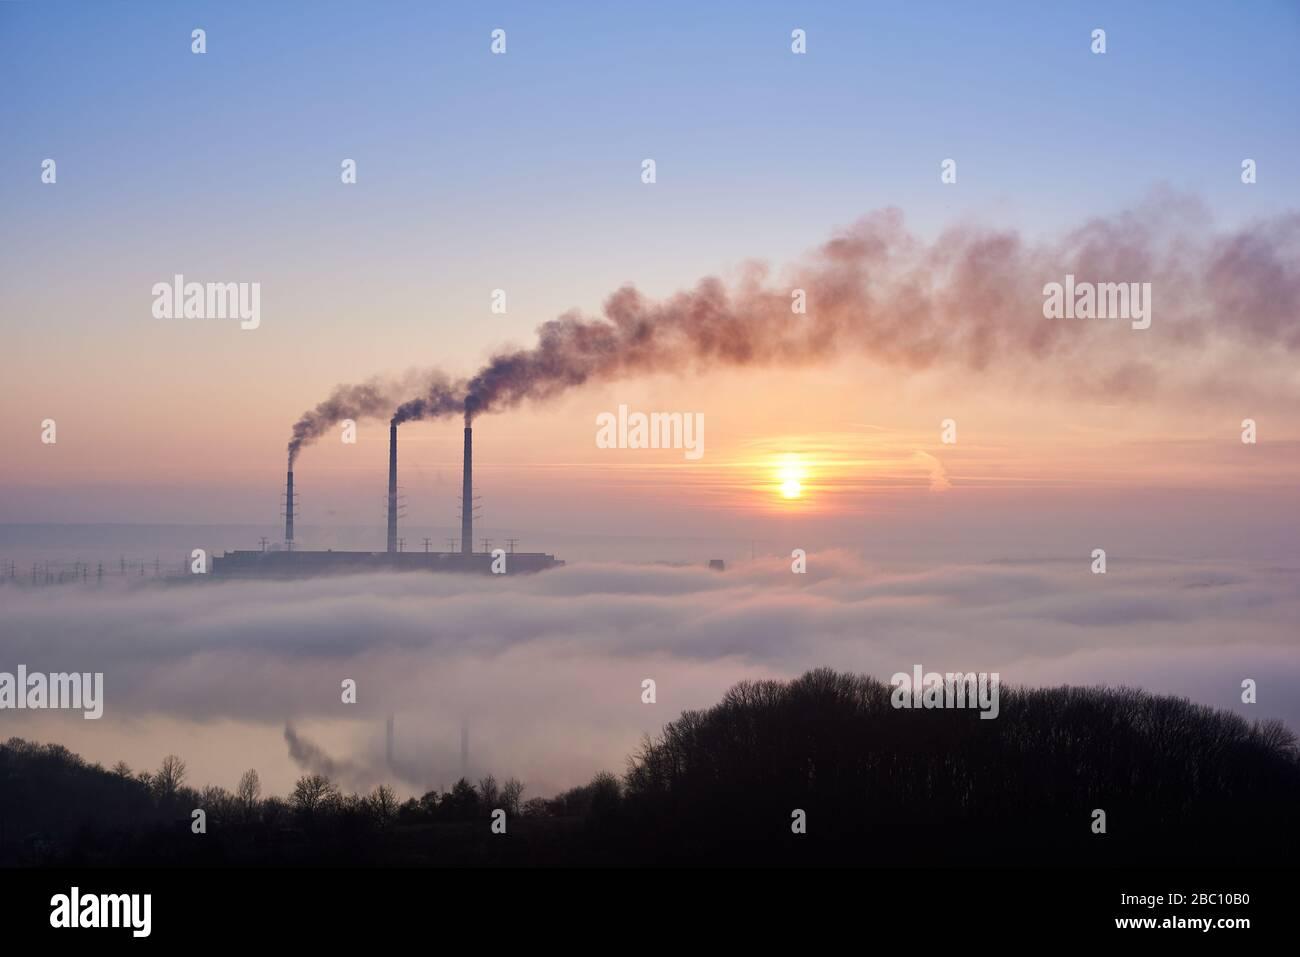 Instantané horizontal de trois piles de fumée de la centrale thermique à l'horizon pris de la colline, les tuyaux sont dans le brouillard du soir sur le ciel bleu, espace de copie. Concept de pollution environnementale Banque D'Images